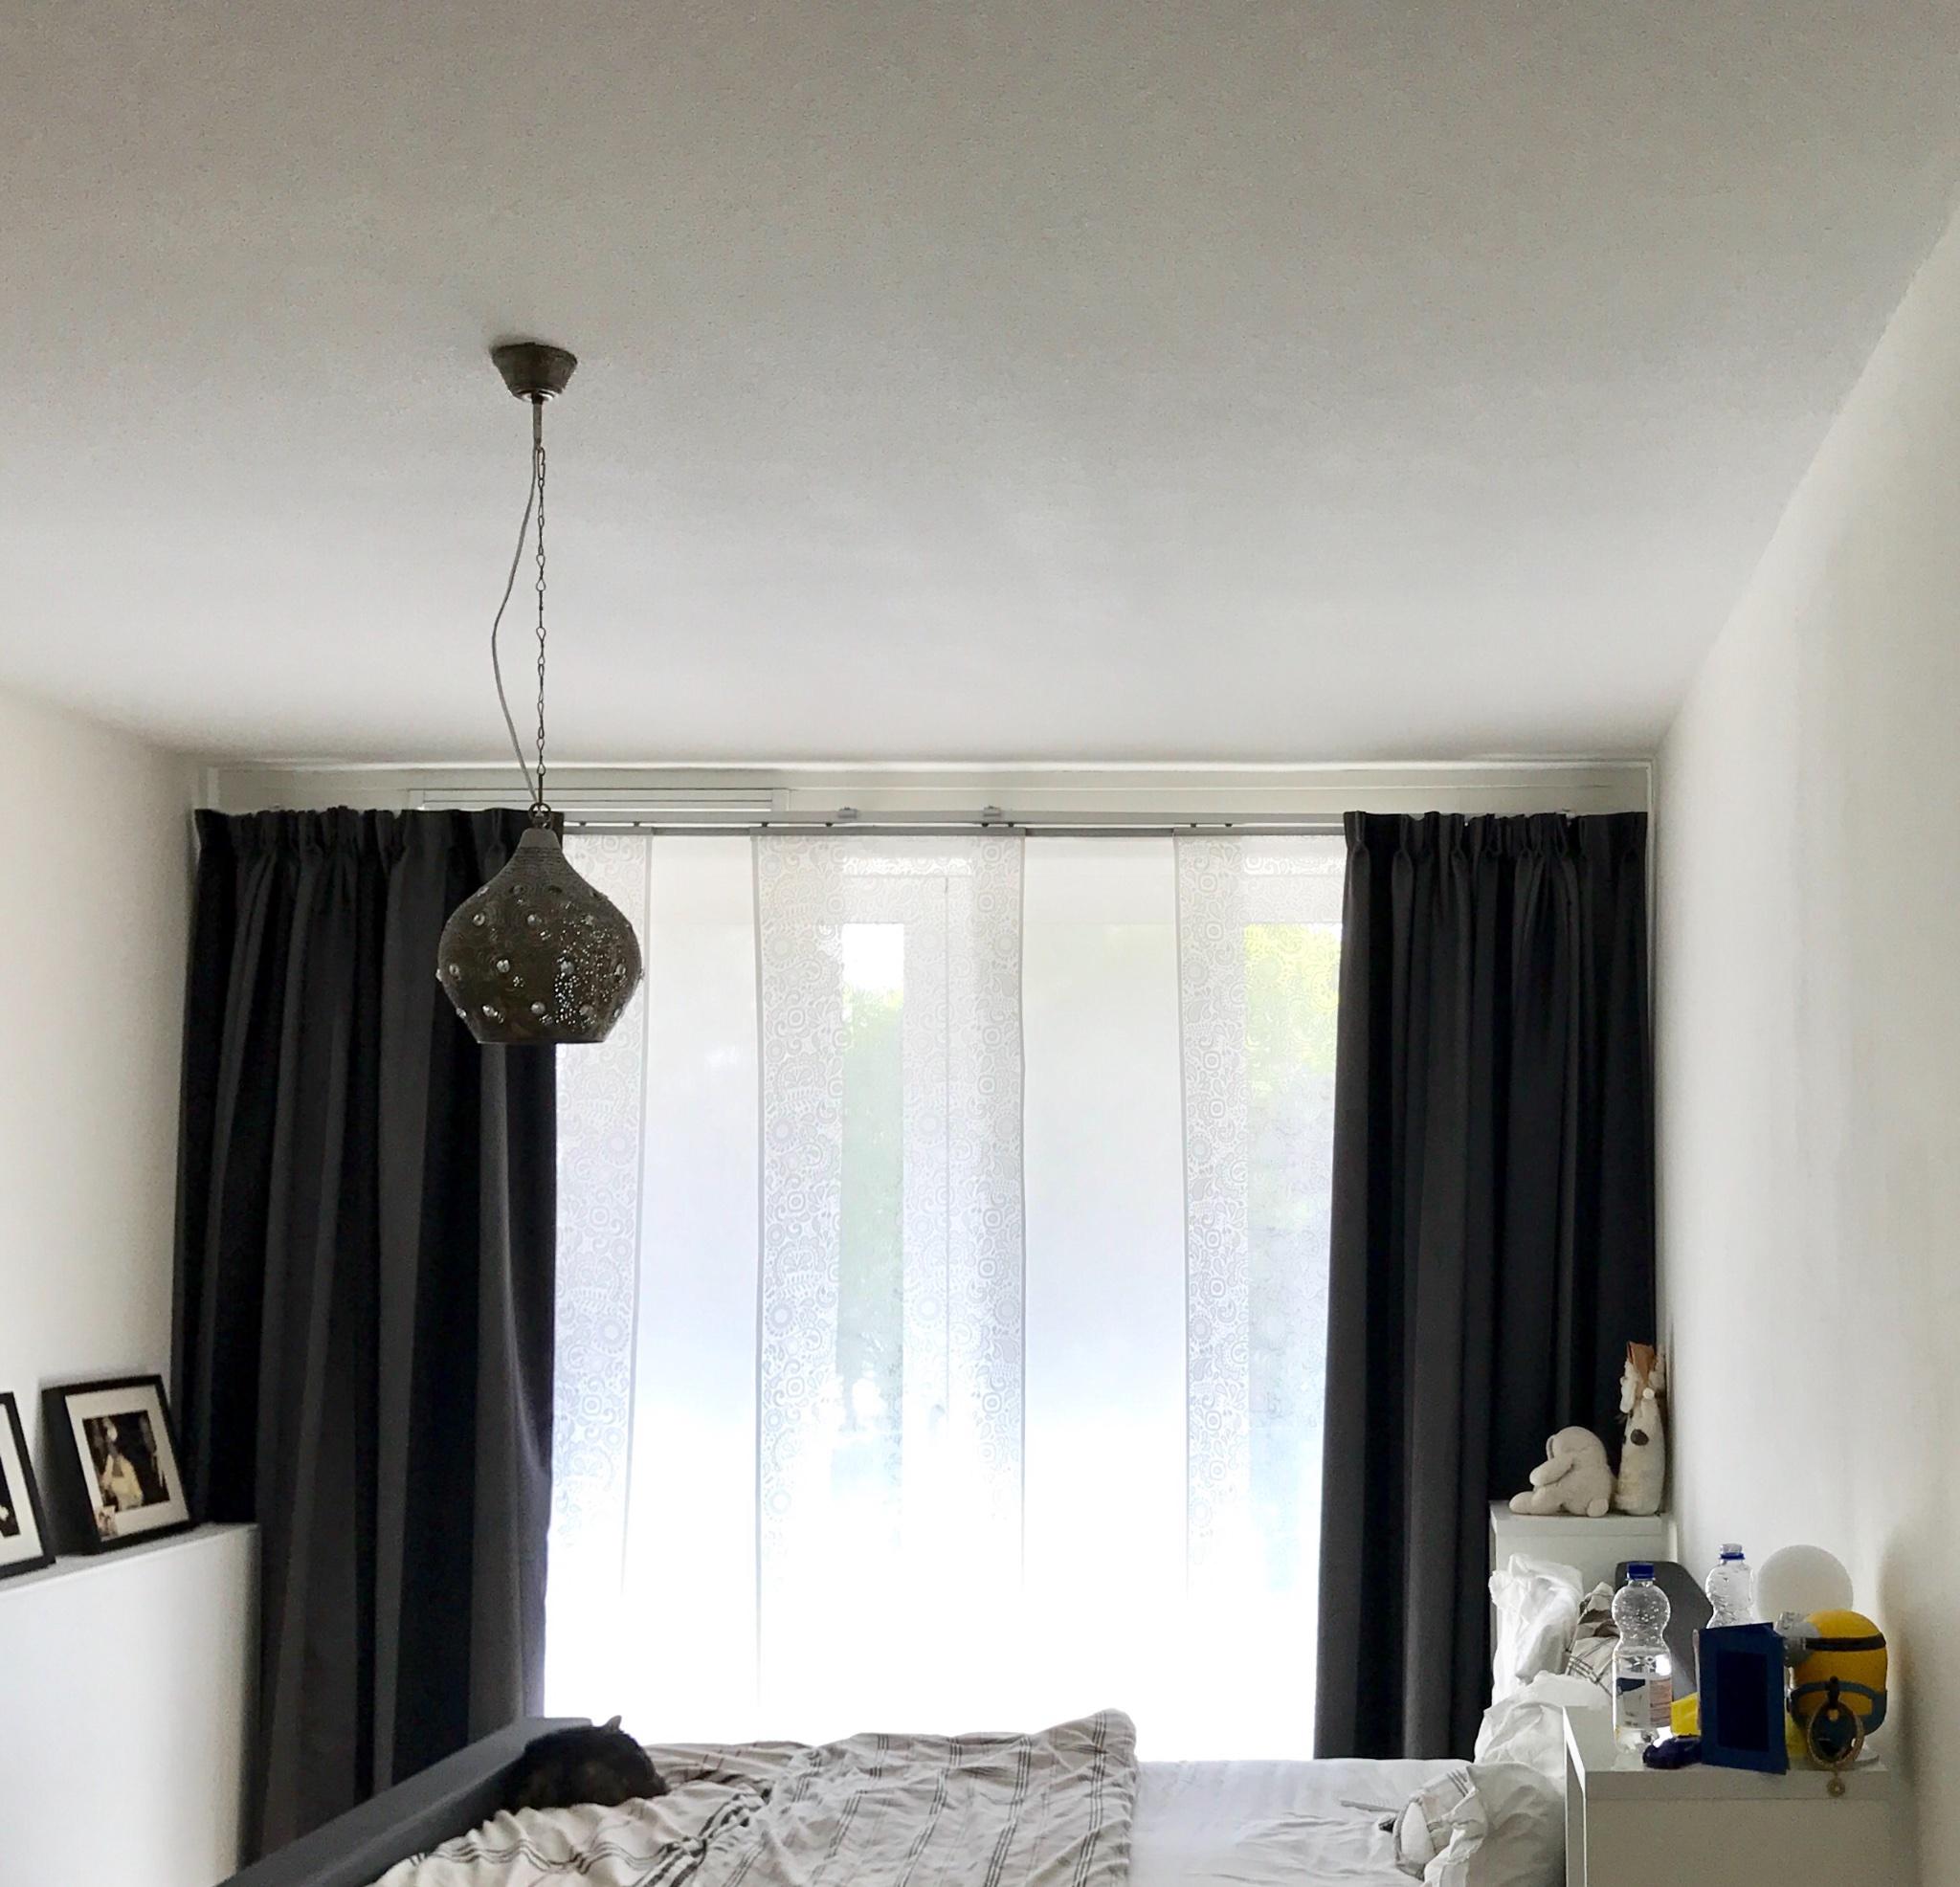 Uitzonderlijk Koof voor gordijnen in woon- en slaapkamer - Werkspot #FP93